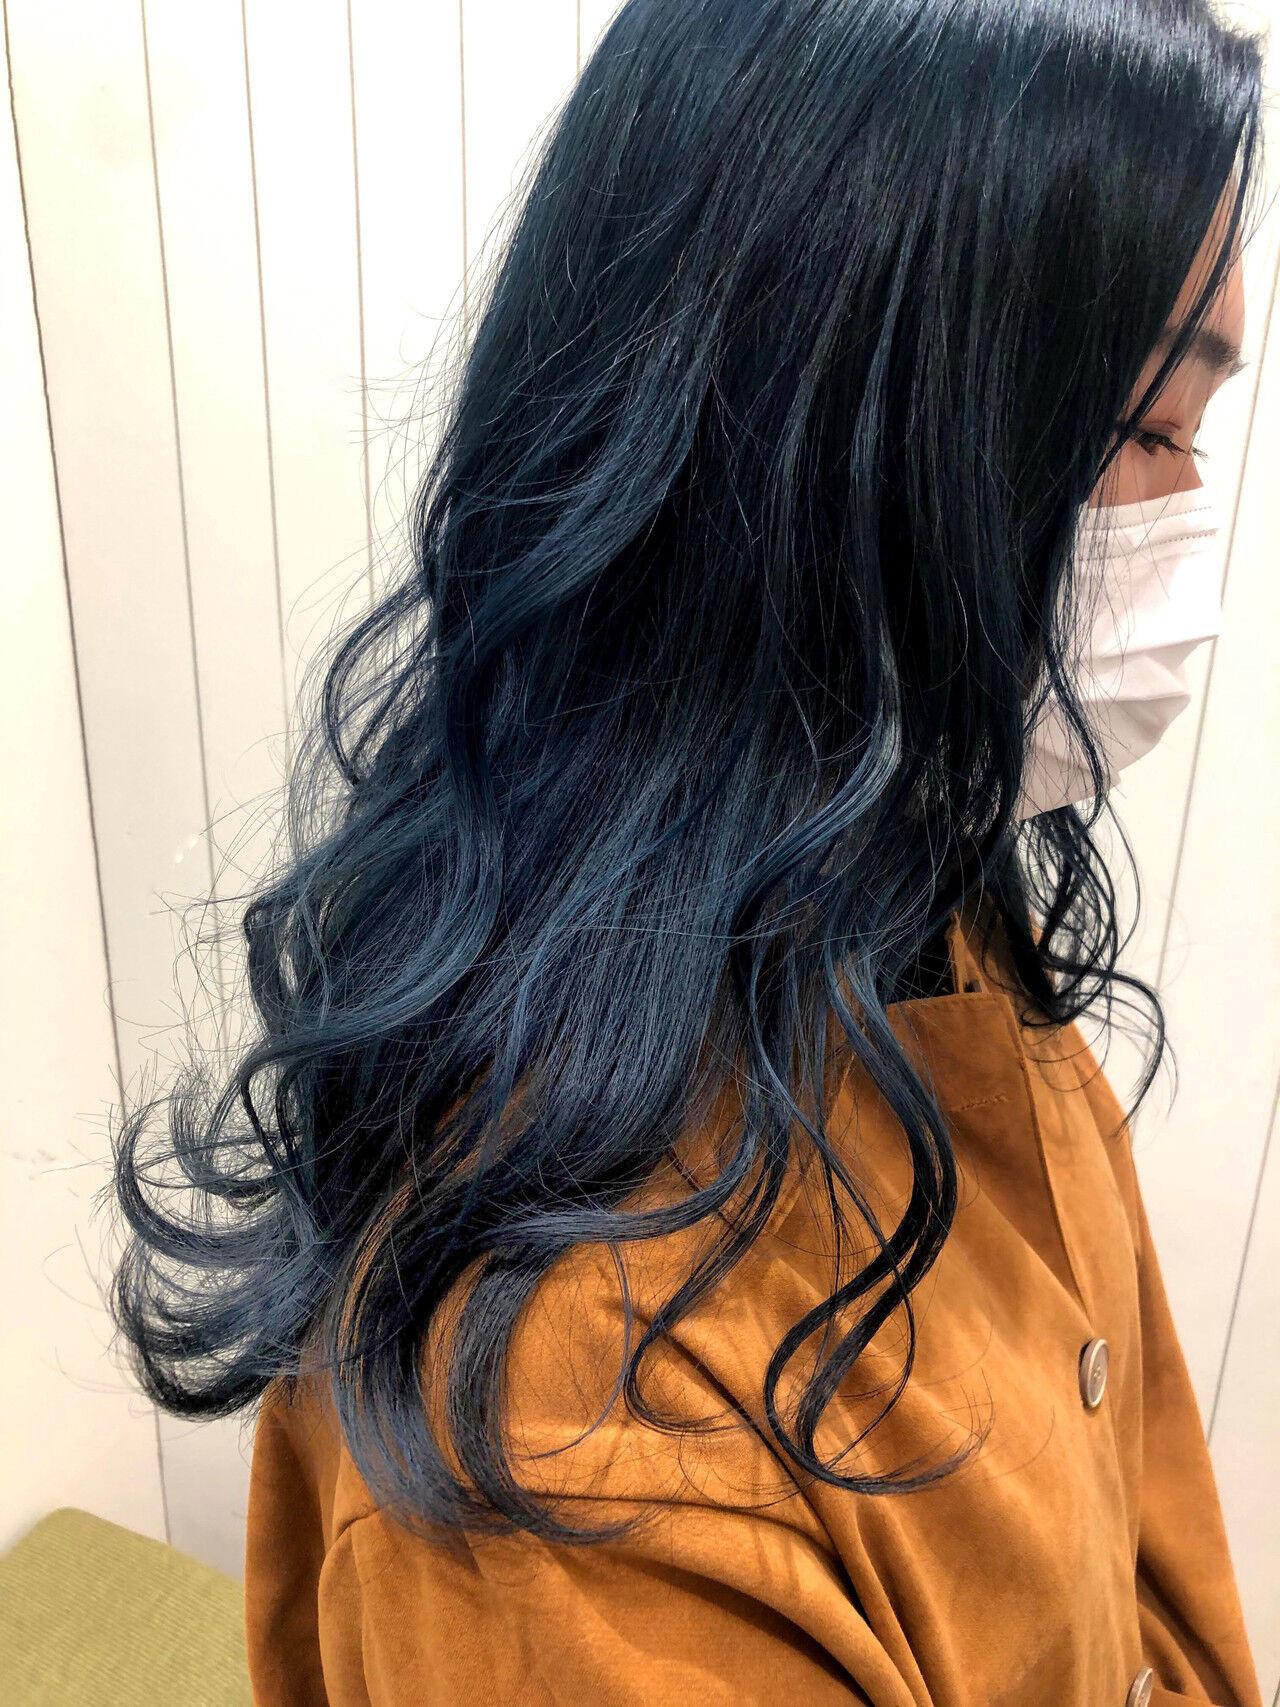 ダークカラー ナチュラル ダークトーン ロング ヘアスタイルや髪型の写真・画像